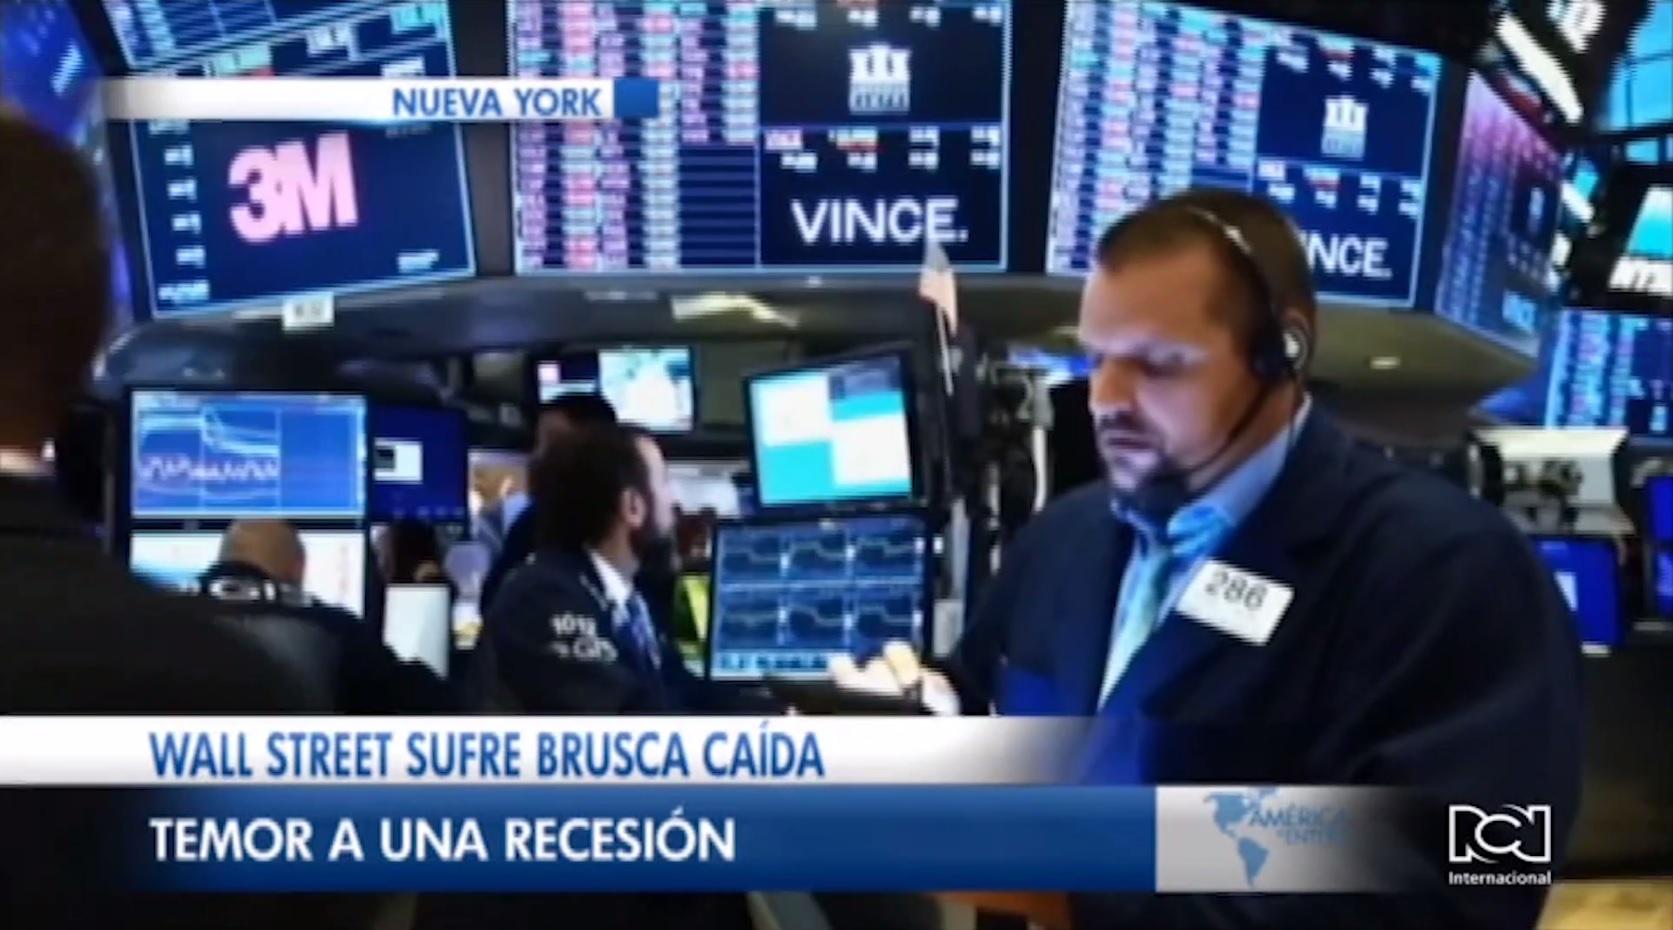 Crece el temor frente a una posible recesión económica